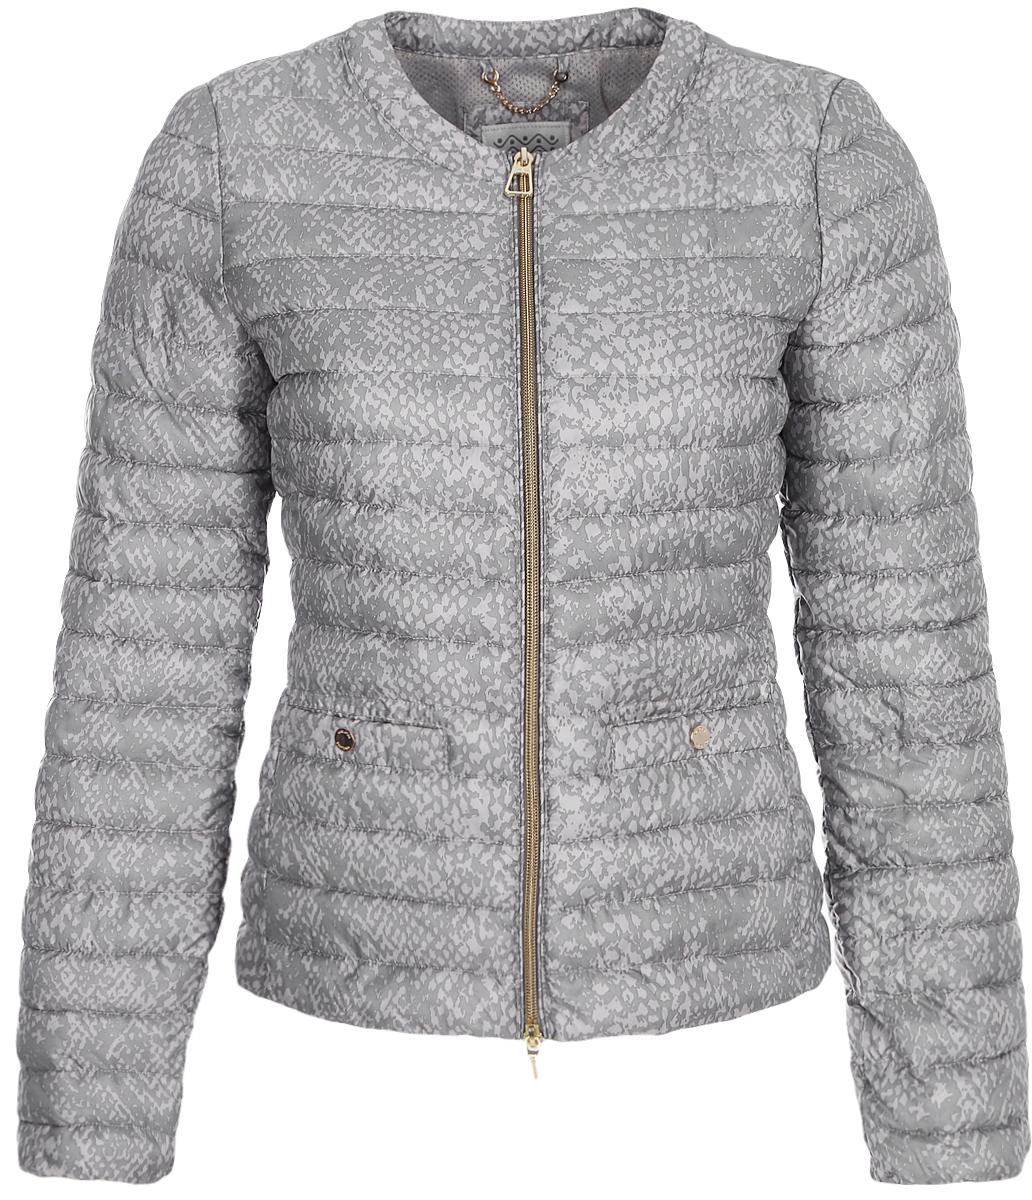 Куртка женская Geox, цвет: серый. W8228ATF243F1456. Размер 44 (46)W8228ATF243F1456Укороченная куртка от Geox выполнена из полиэстера. Модель с длинными рукавами и круглым вырезом горловины застегивается на молнию, по бокам дополнена прорезными карманами.